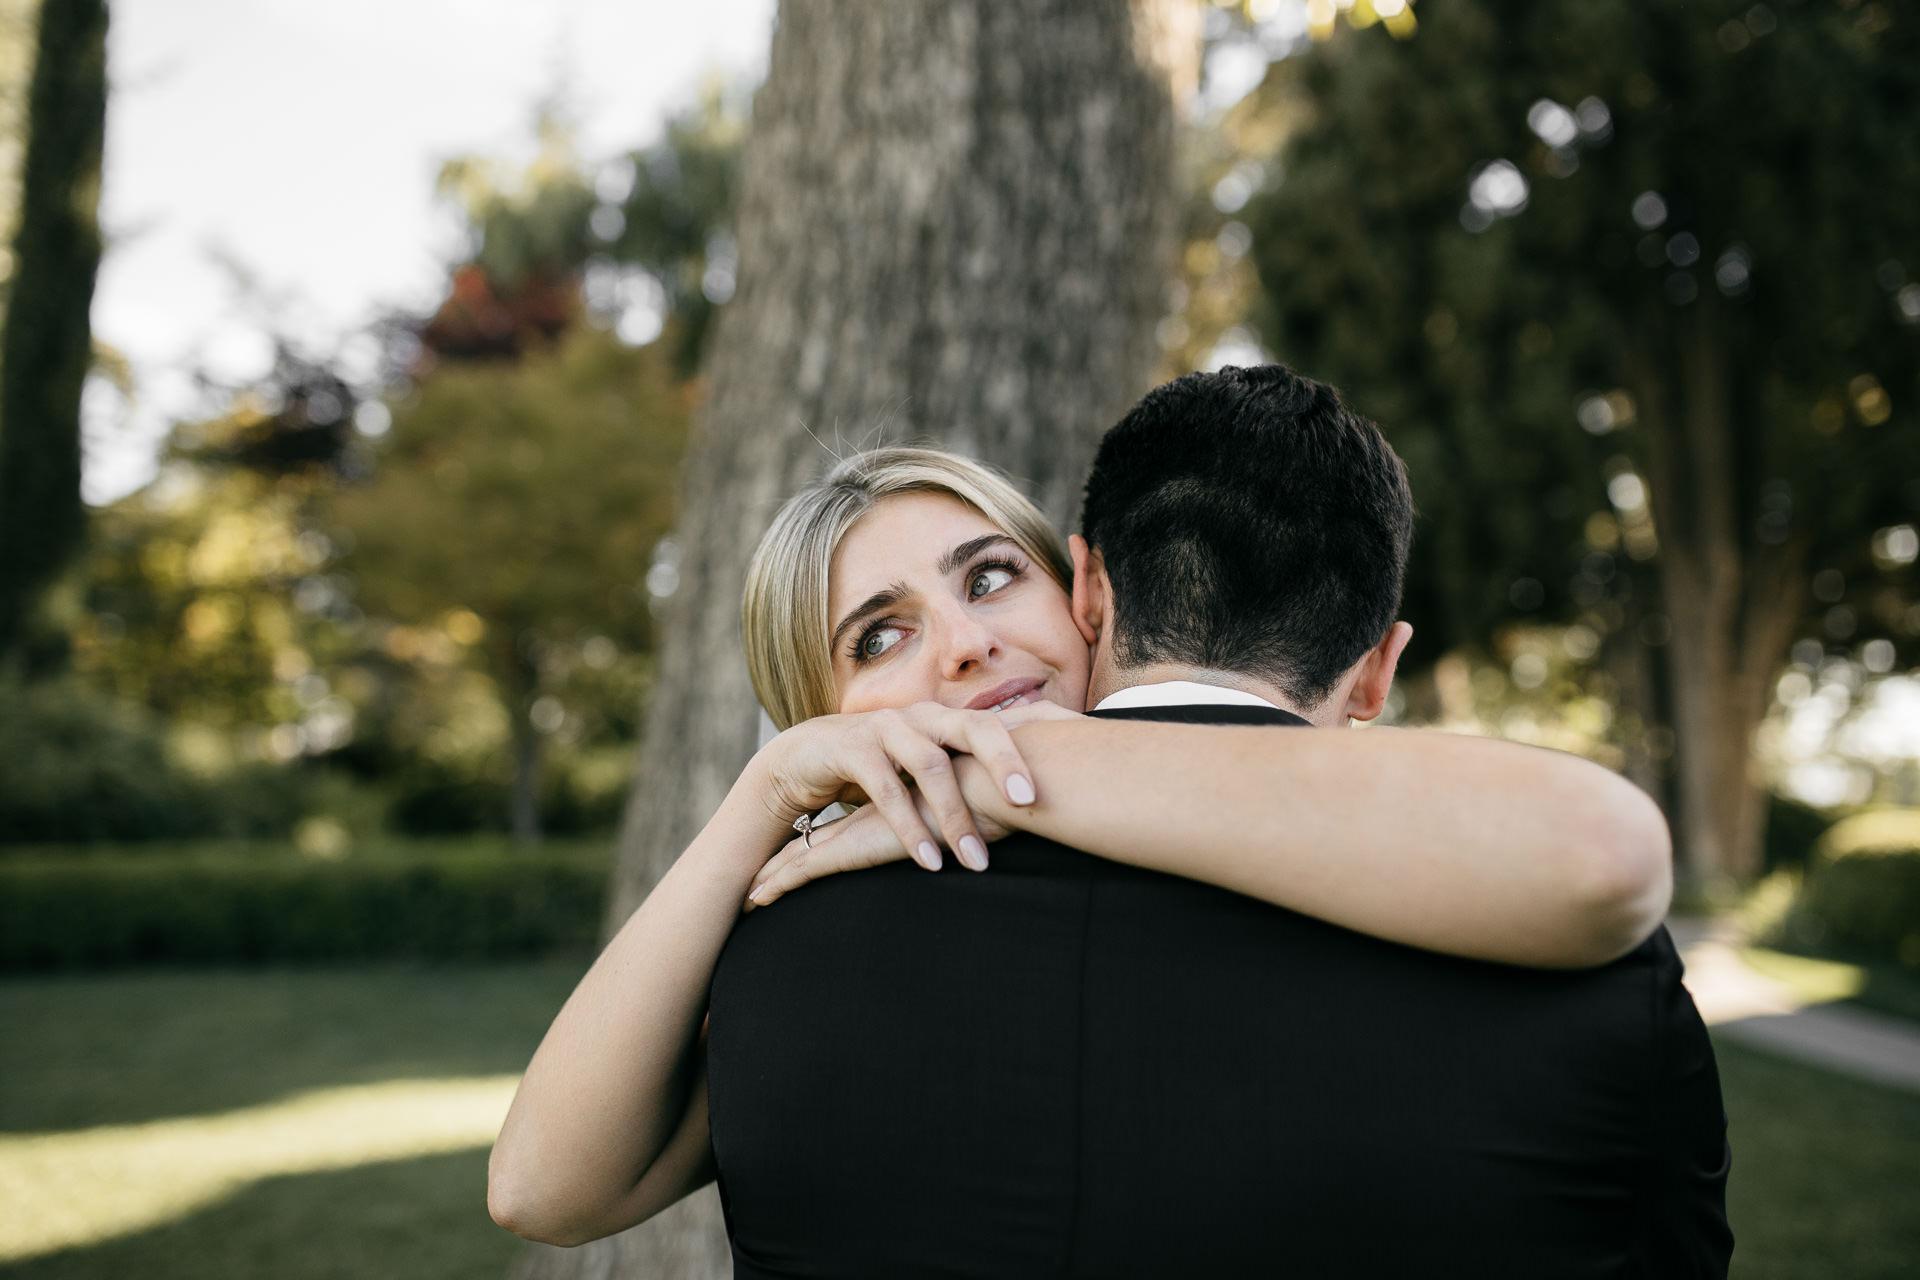 lauren_graham_wedding_california_park_winters_jeanlaurentgaudy_038